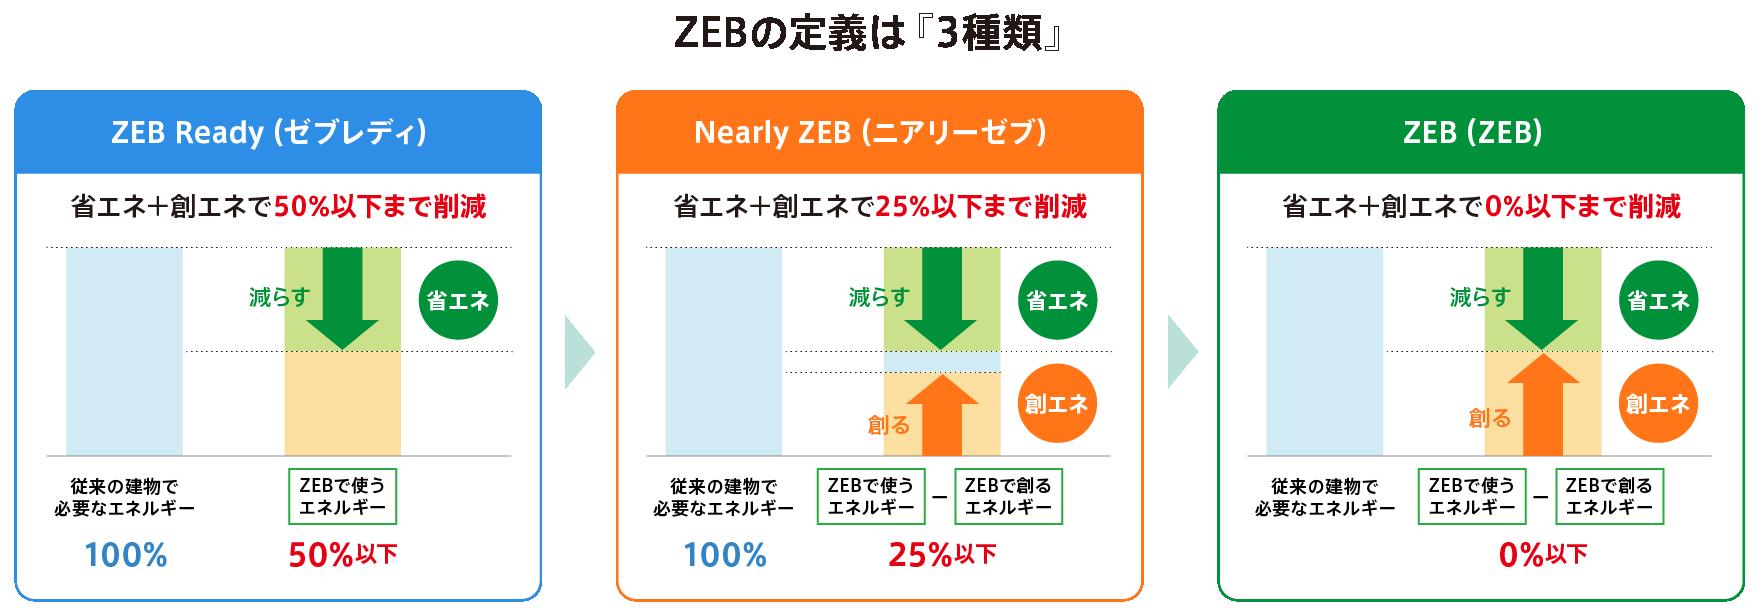 ZEB(ネット・ゼロ・エネルギー・ビル)